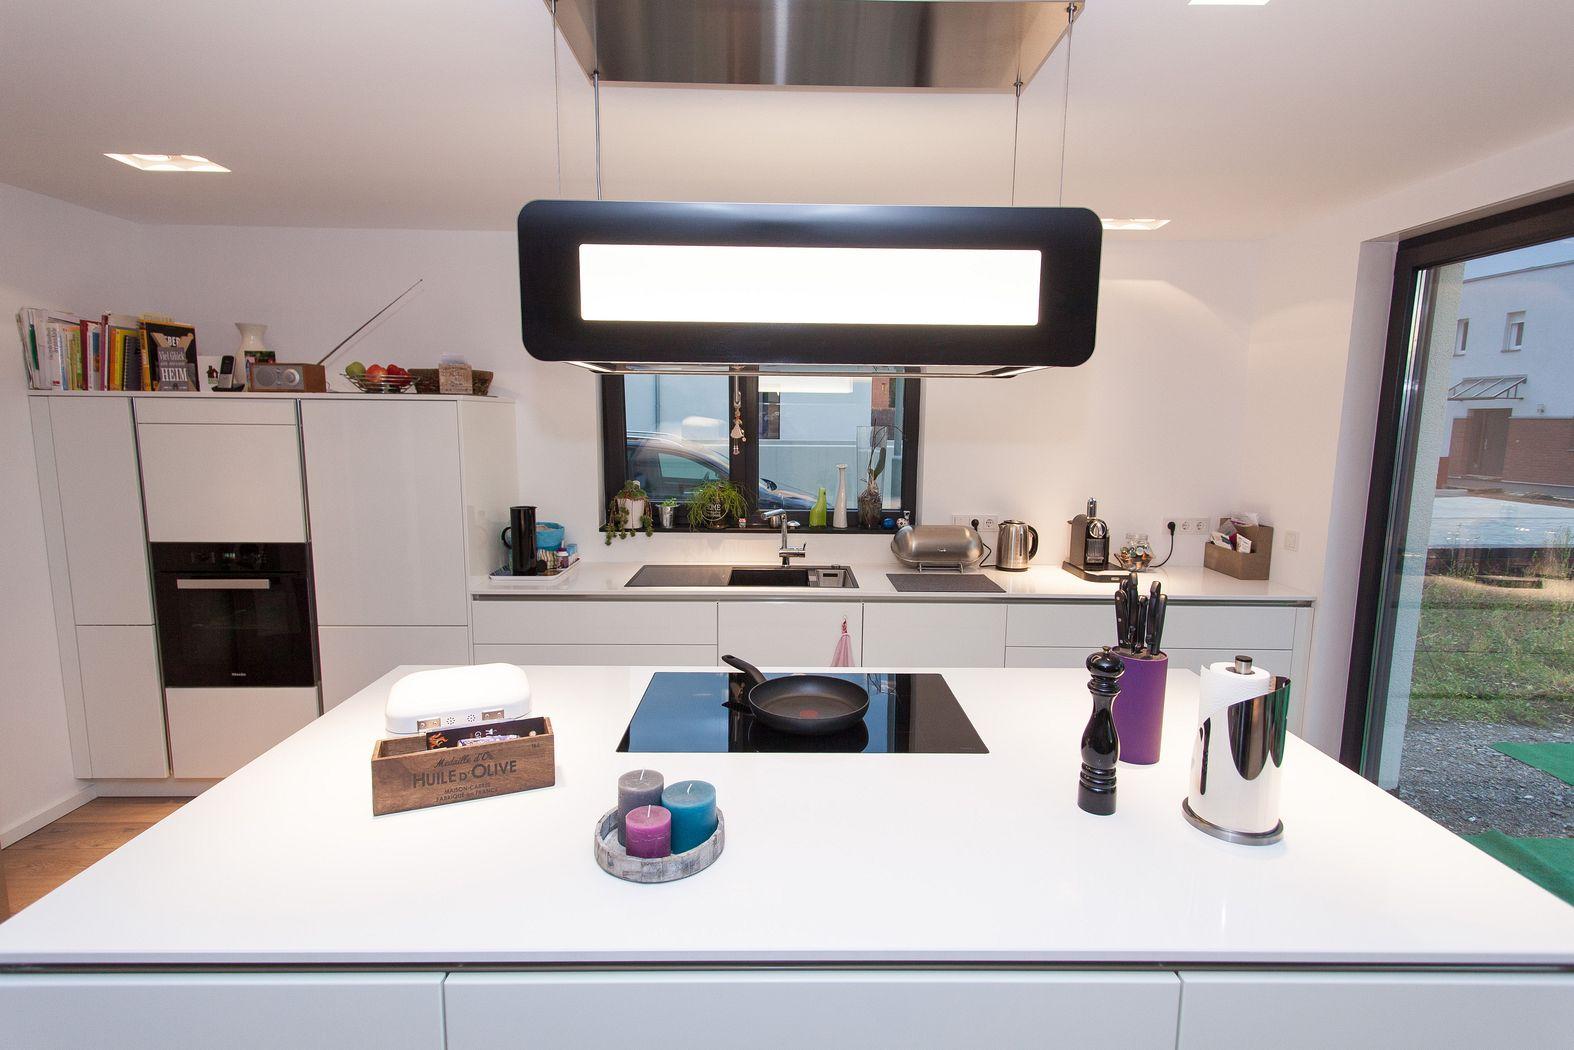 grifflose k che in wei mit kochinsel und berbel skyline. Black Bedroom Furniture Sets. Home Design Ideas